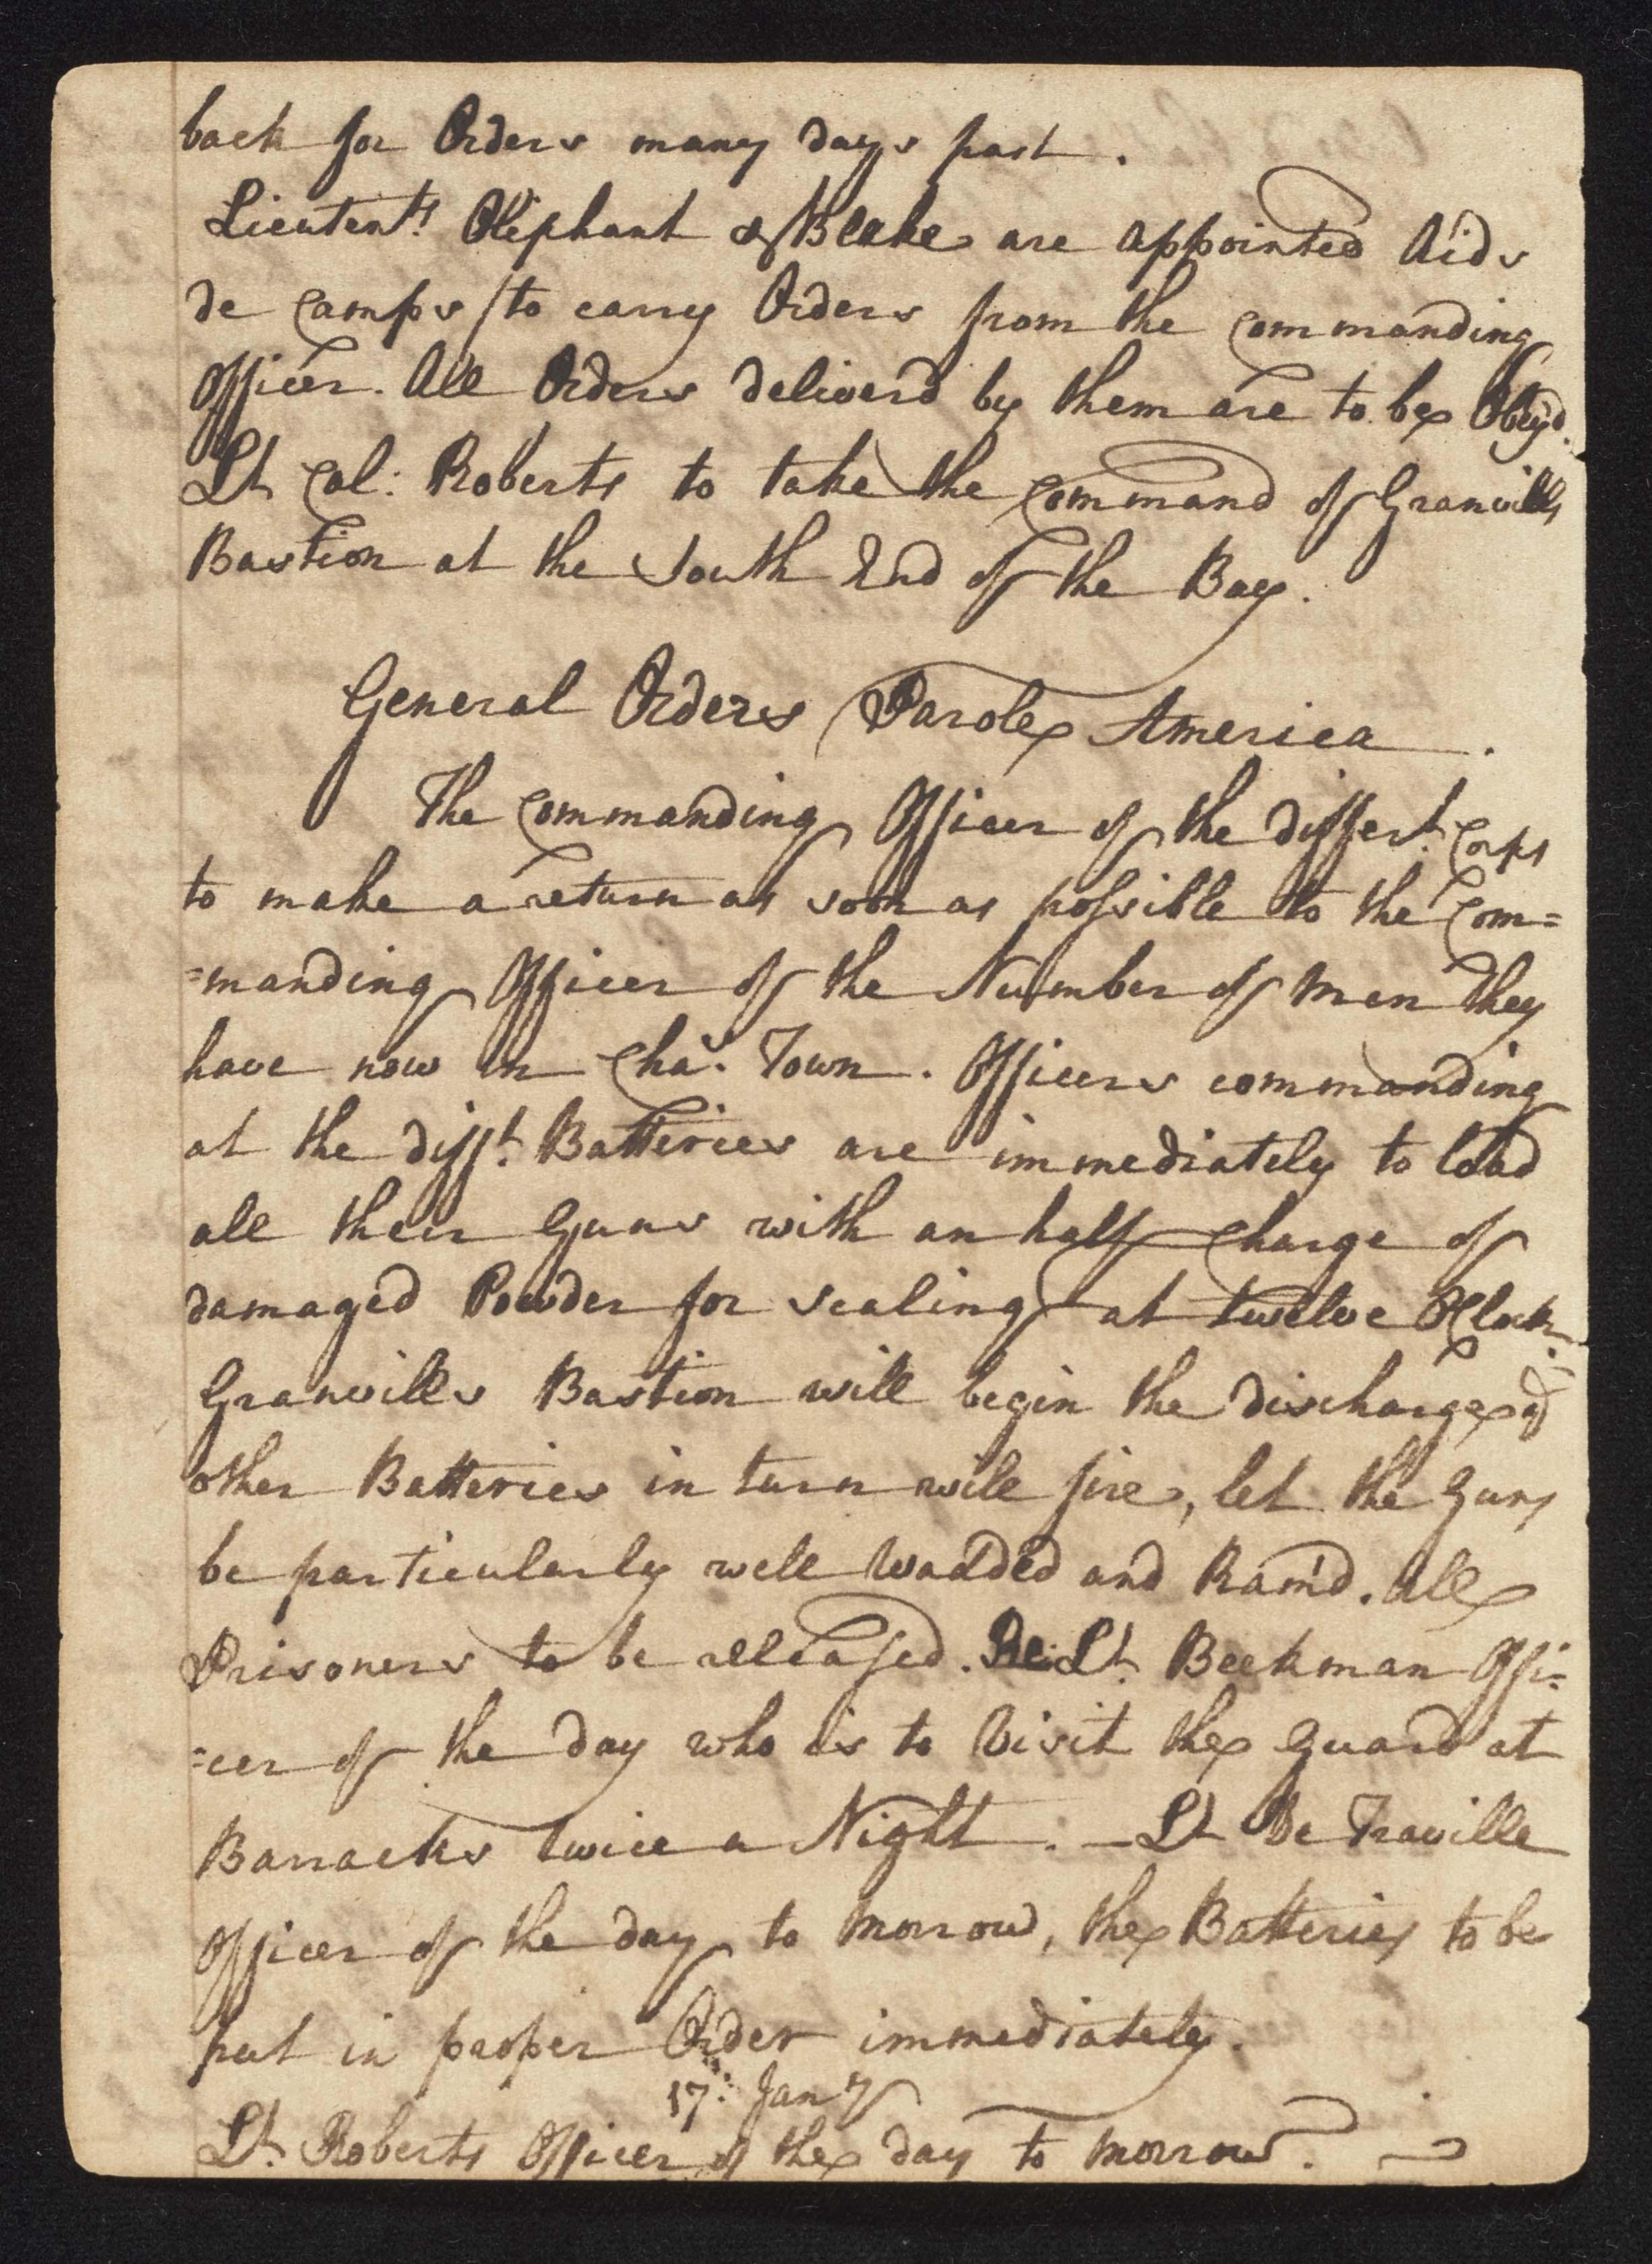 South Carolina Regiment Order Book, Page 64